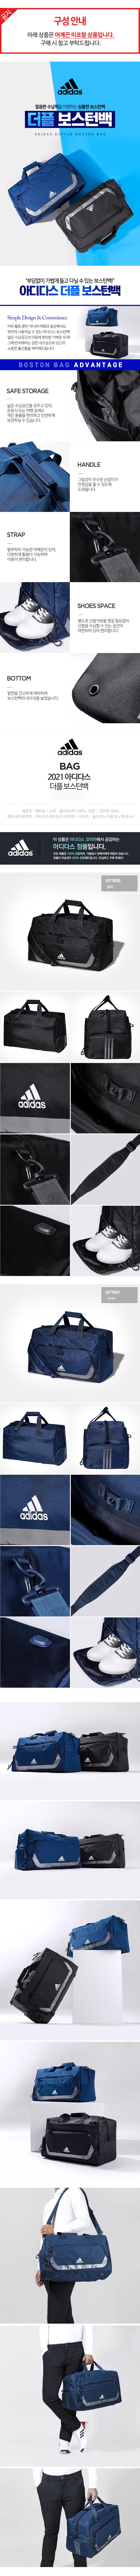 adidas_duffle_bostonbag_20.jpg